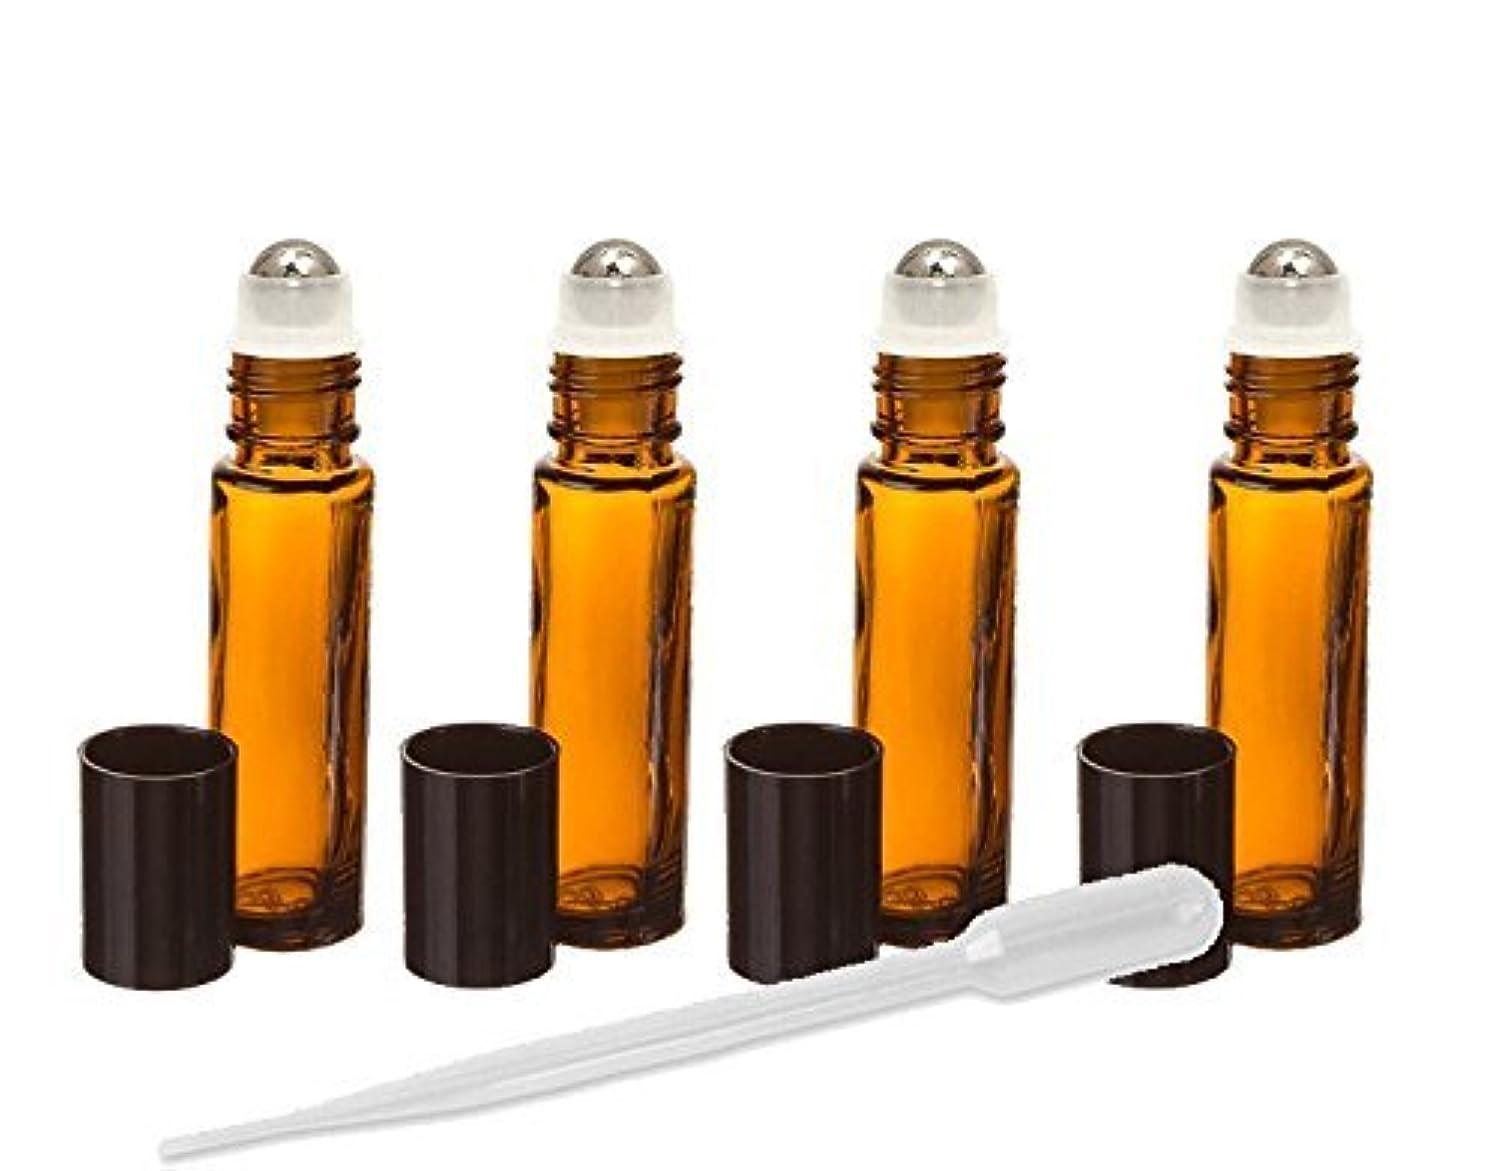 天どれ取り壊すGrand Parfums Amber Glass Essential Oil Rollerball Bottles with Stainless Steel Rollerballs, 10ml Aromatherapy...